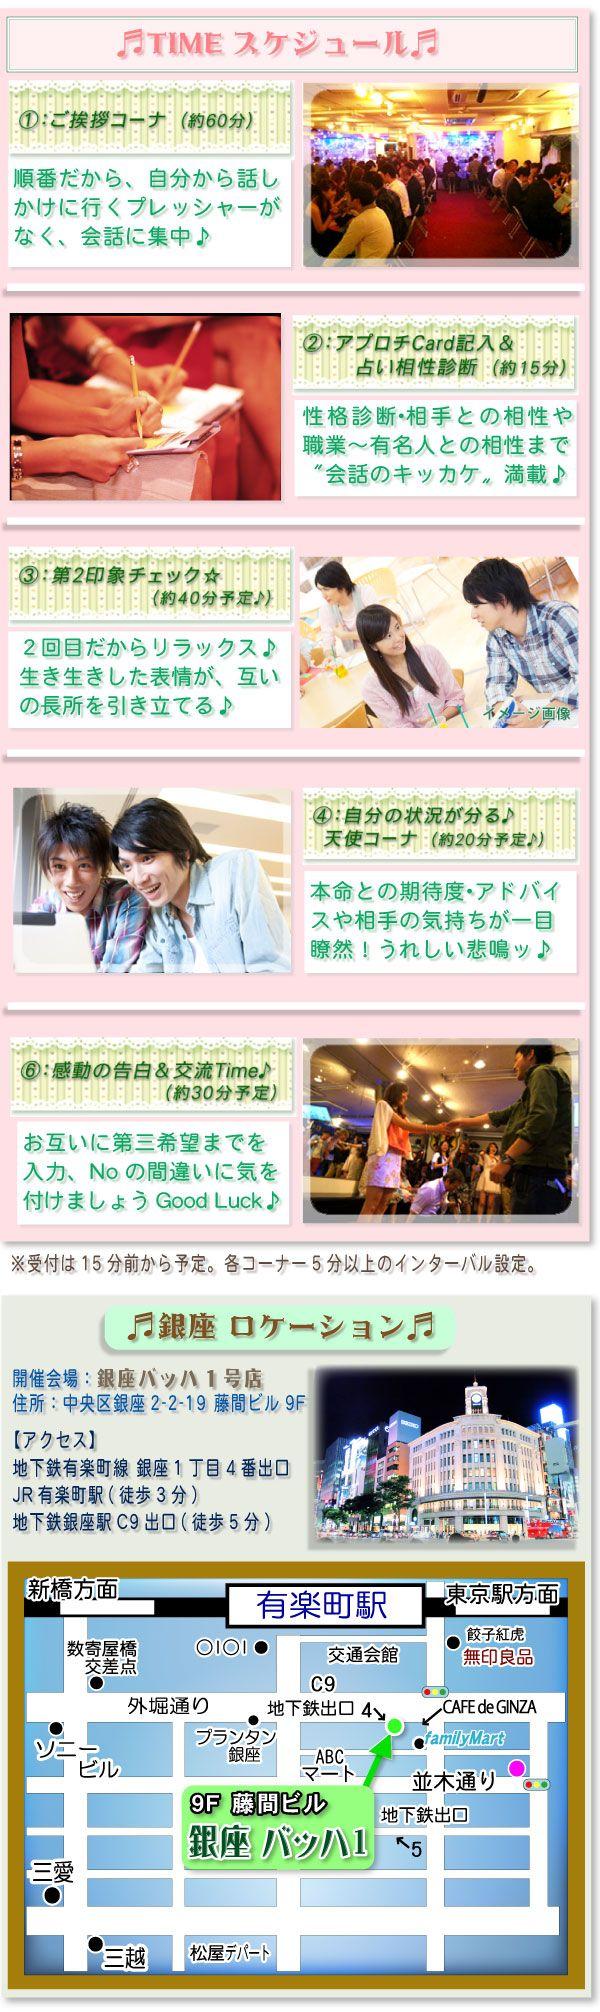 婚活 ソフト 銀座本文_Time01